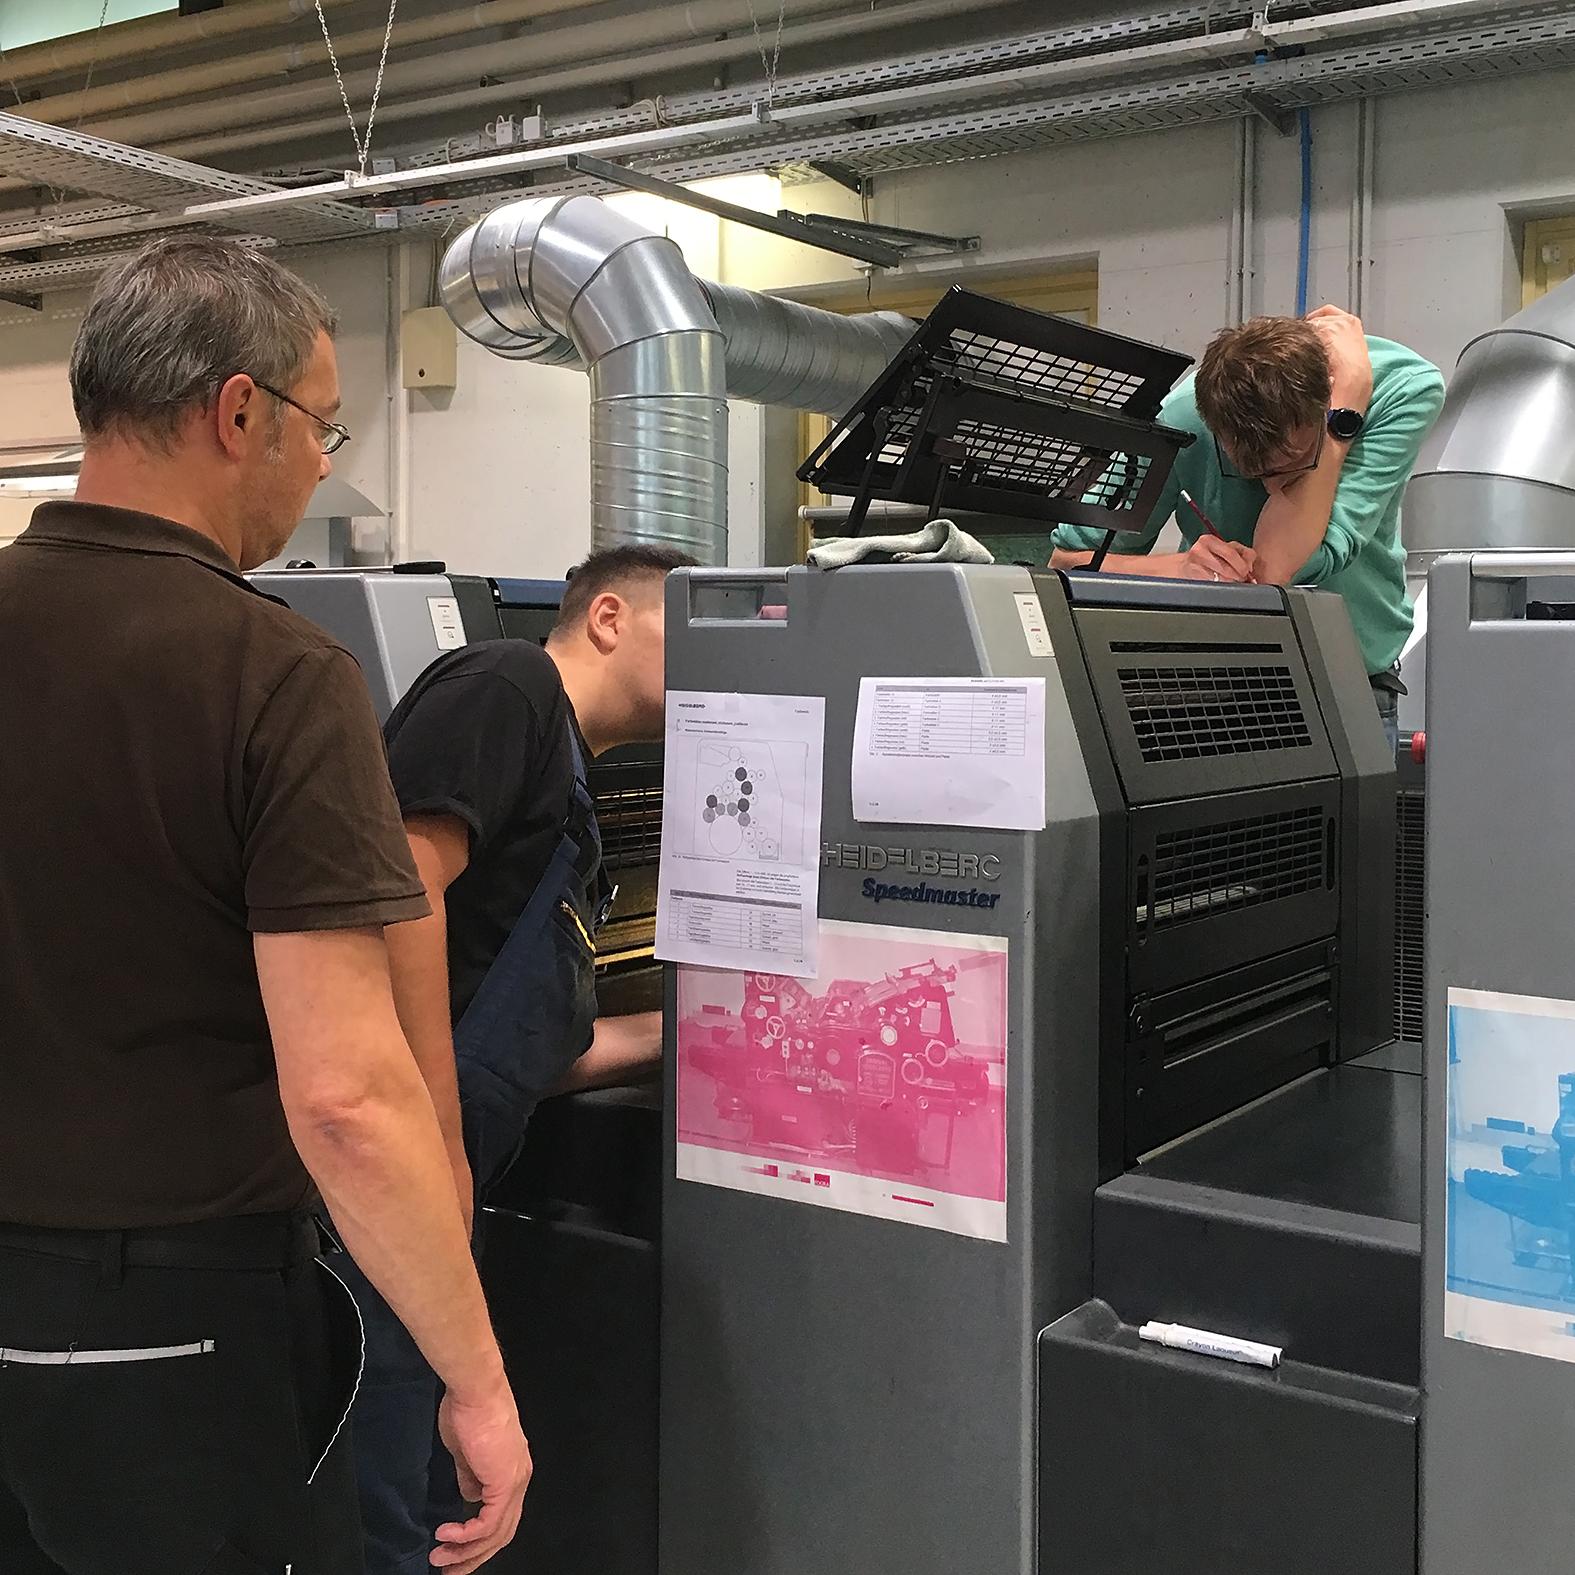 Der Ausbilder erklärt die Druckmaschine